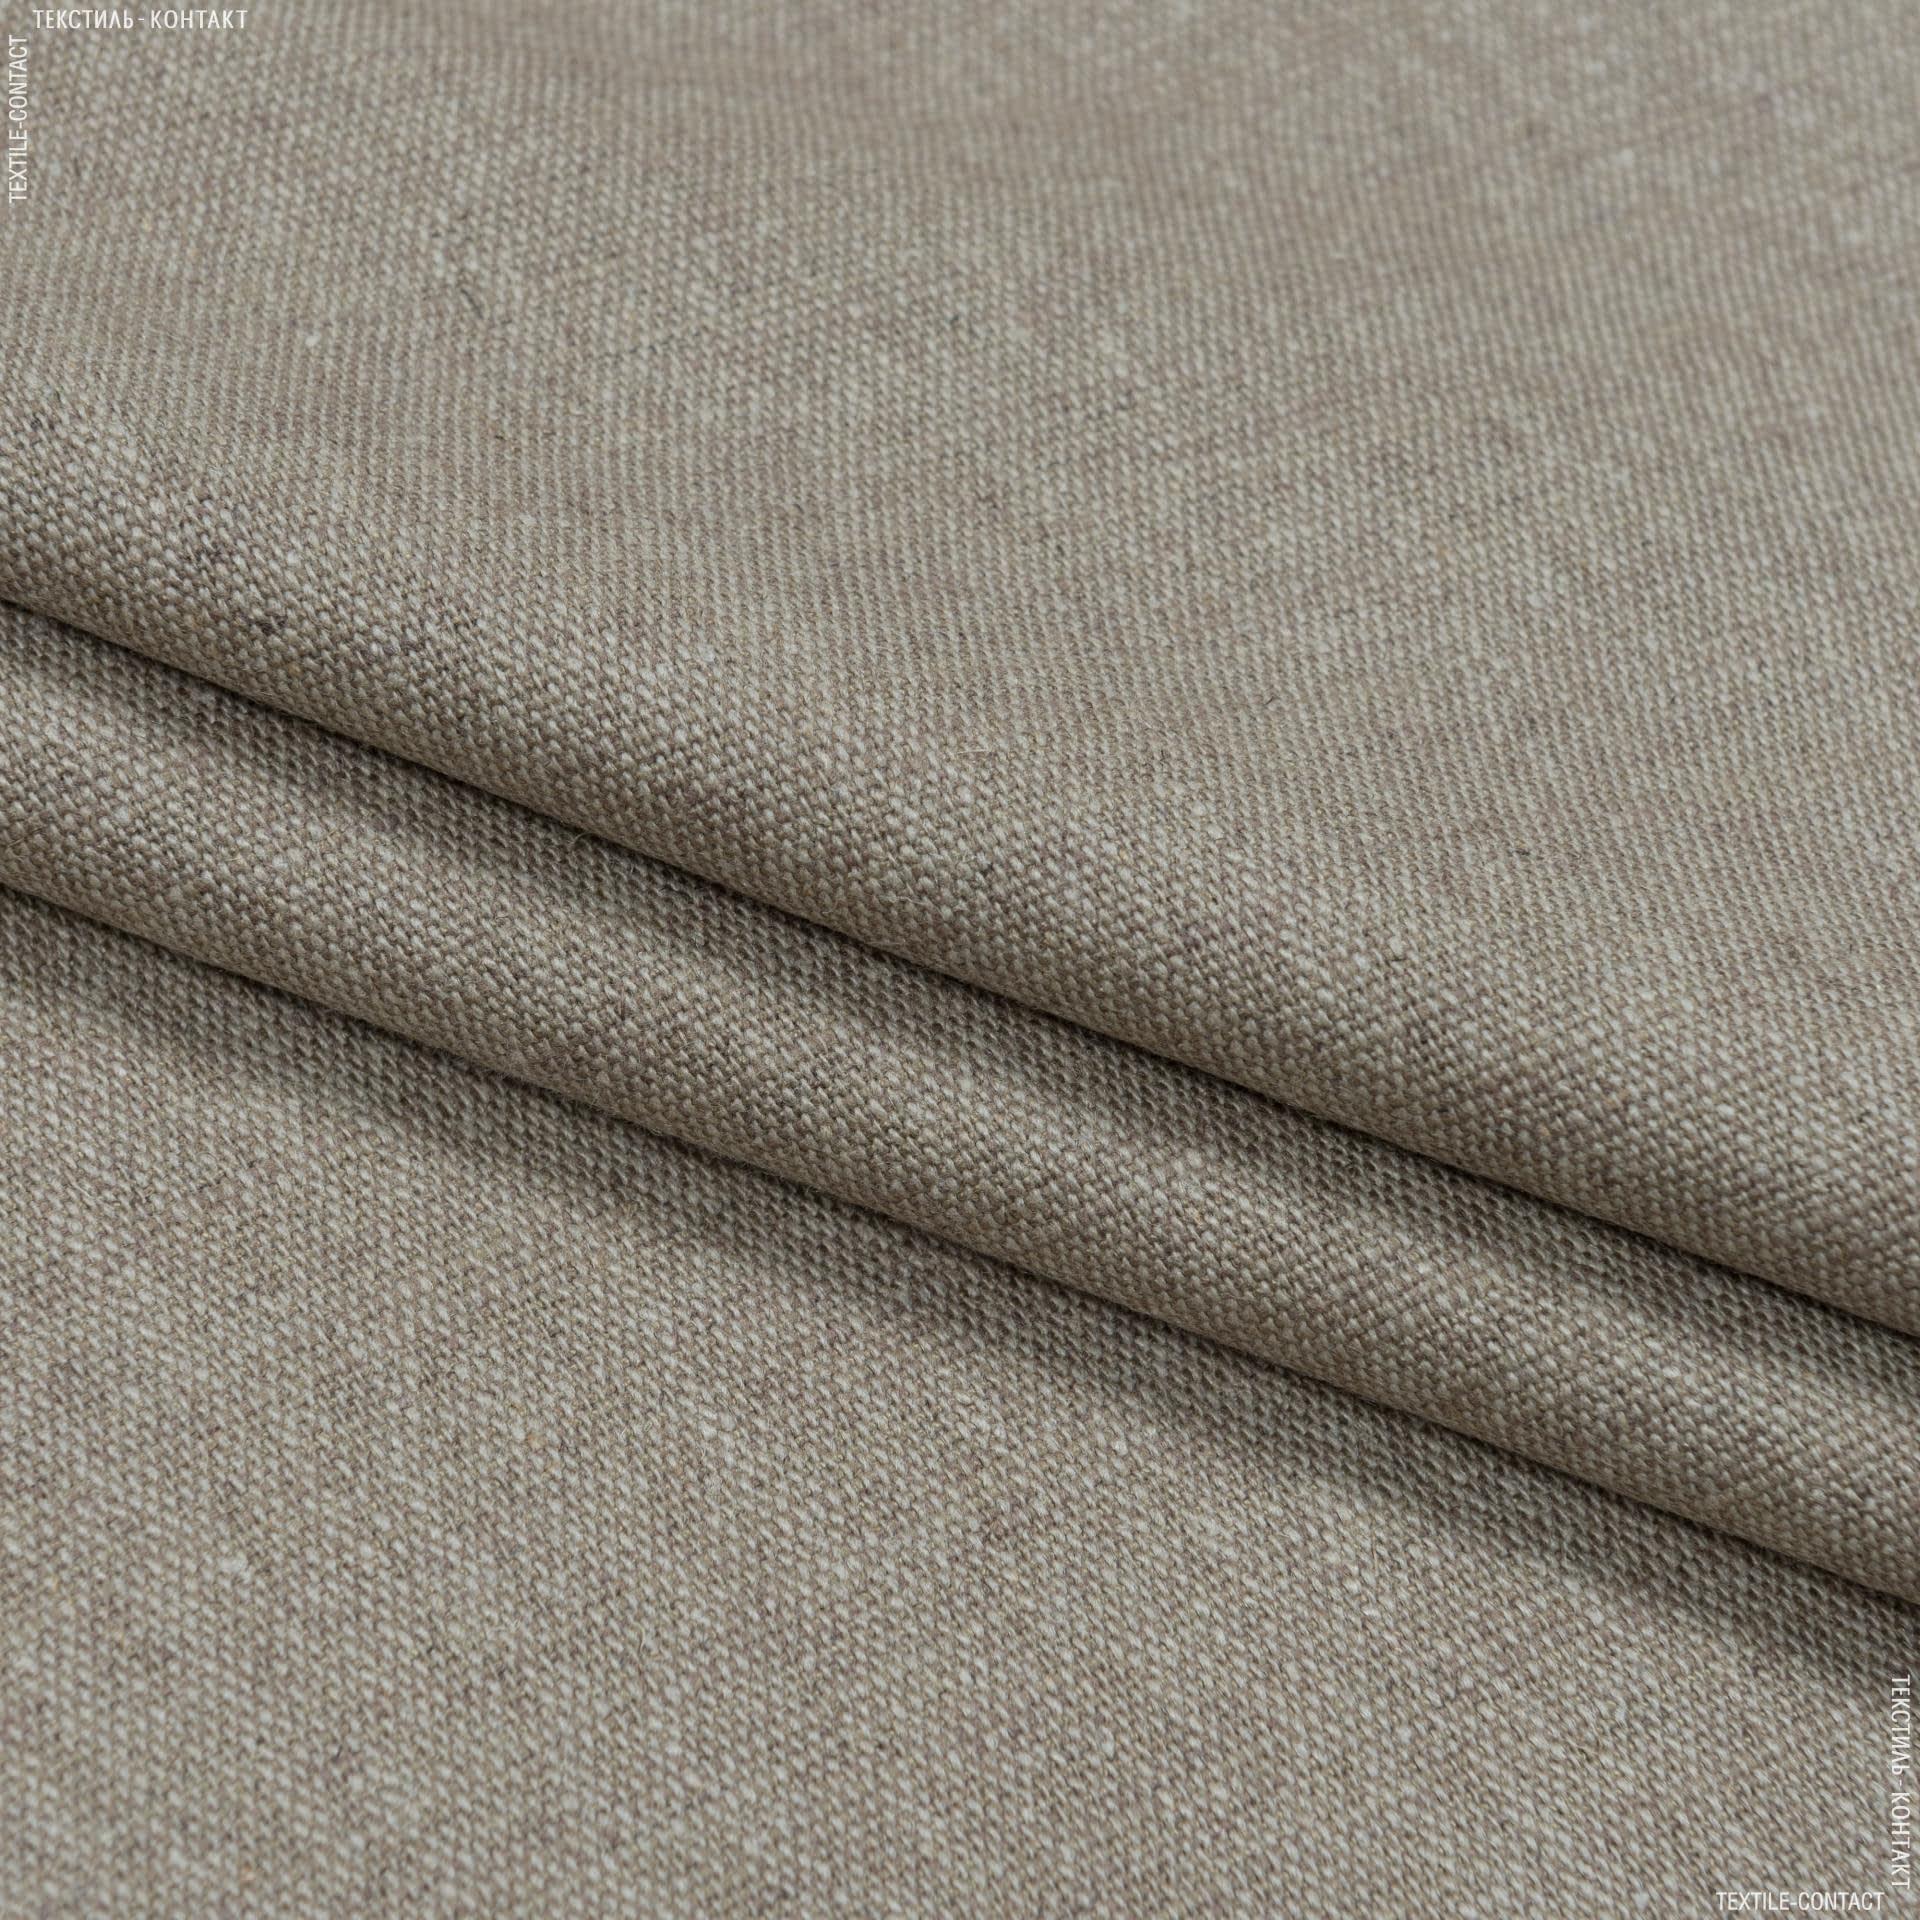 Тканини портьєрні тканини - Декоративна тканина танамі беж